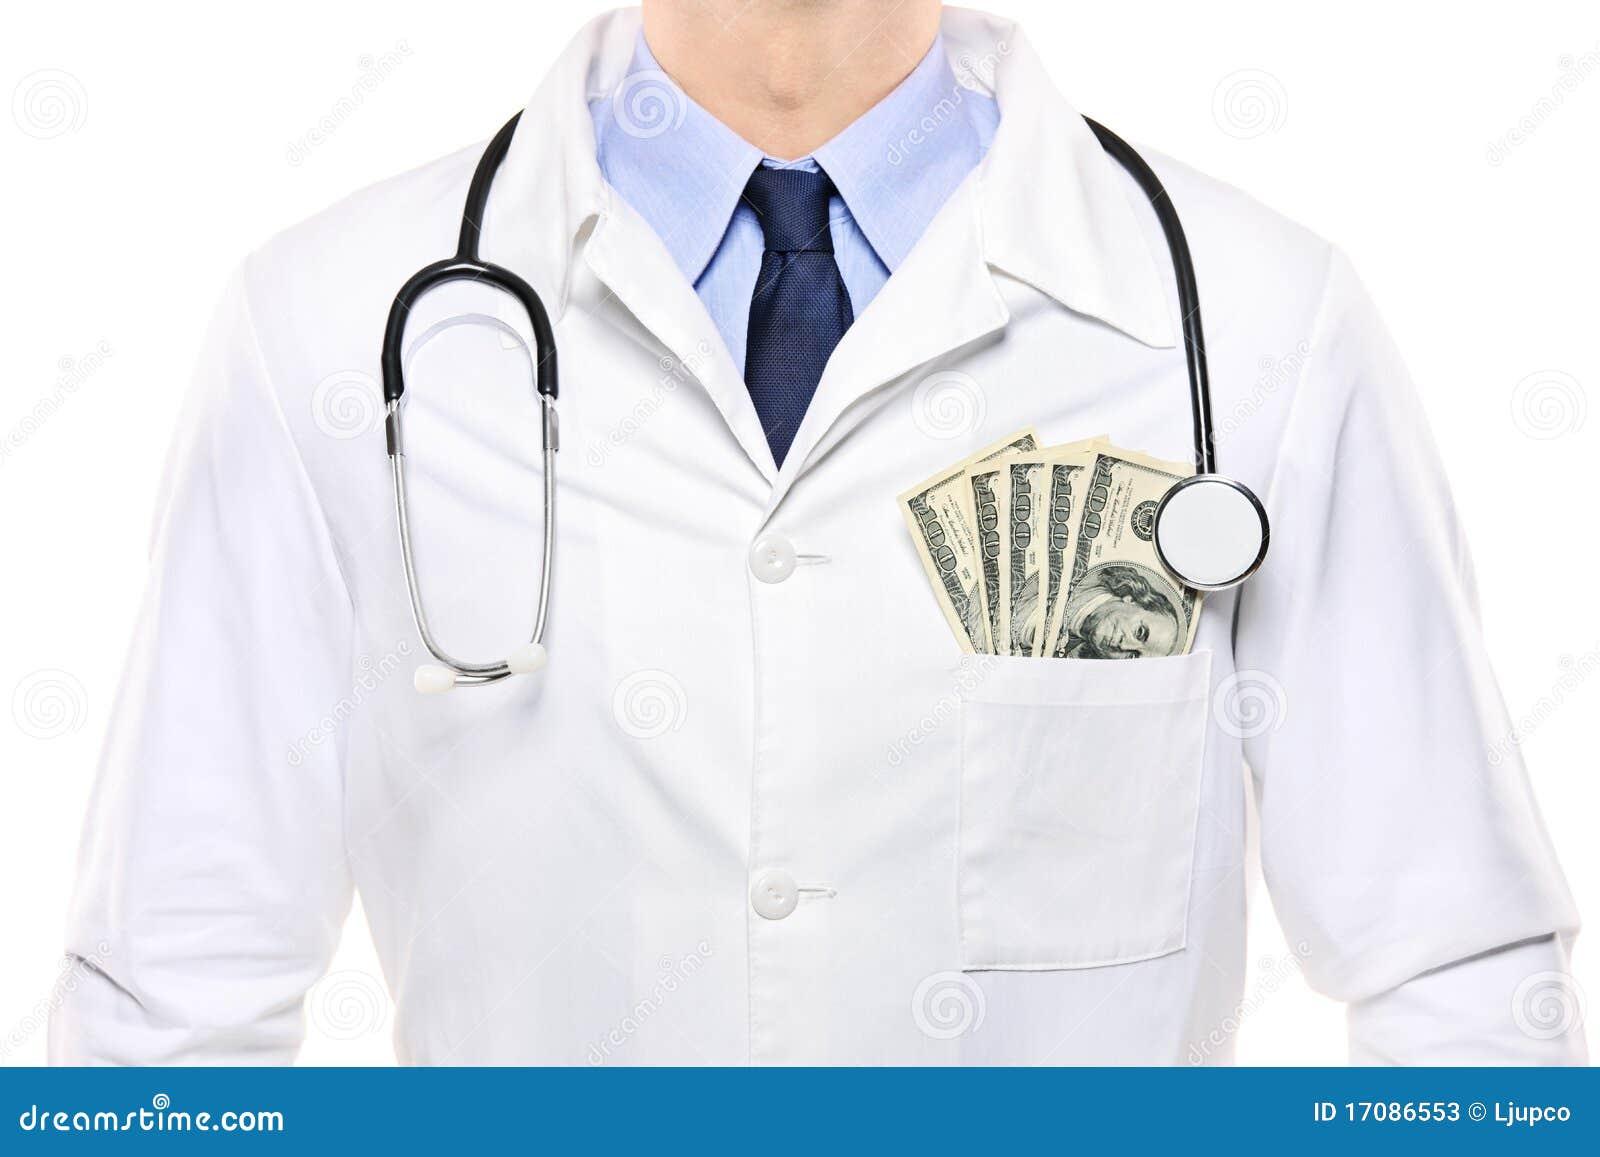 Ein Portrait eines Doktors